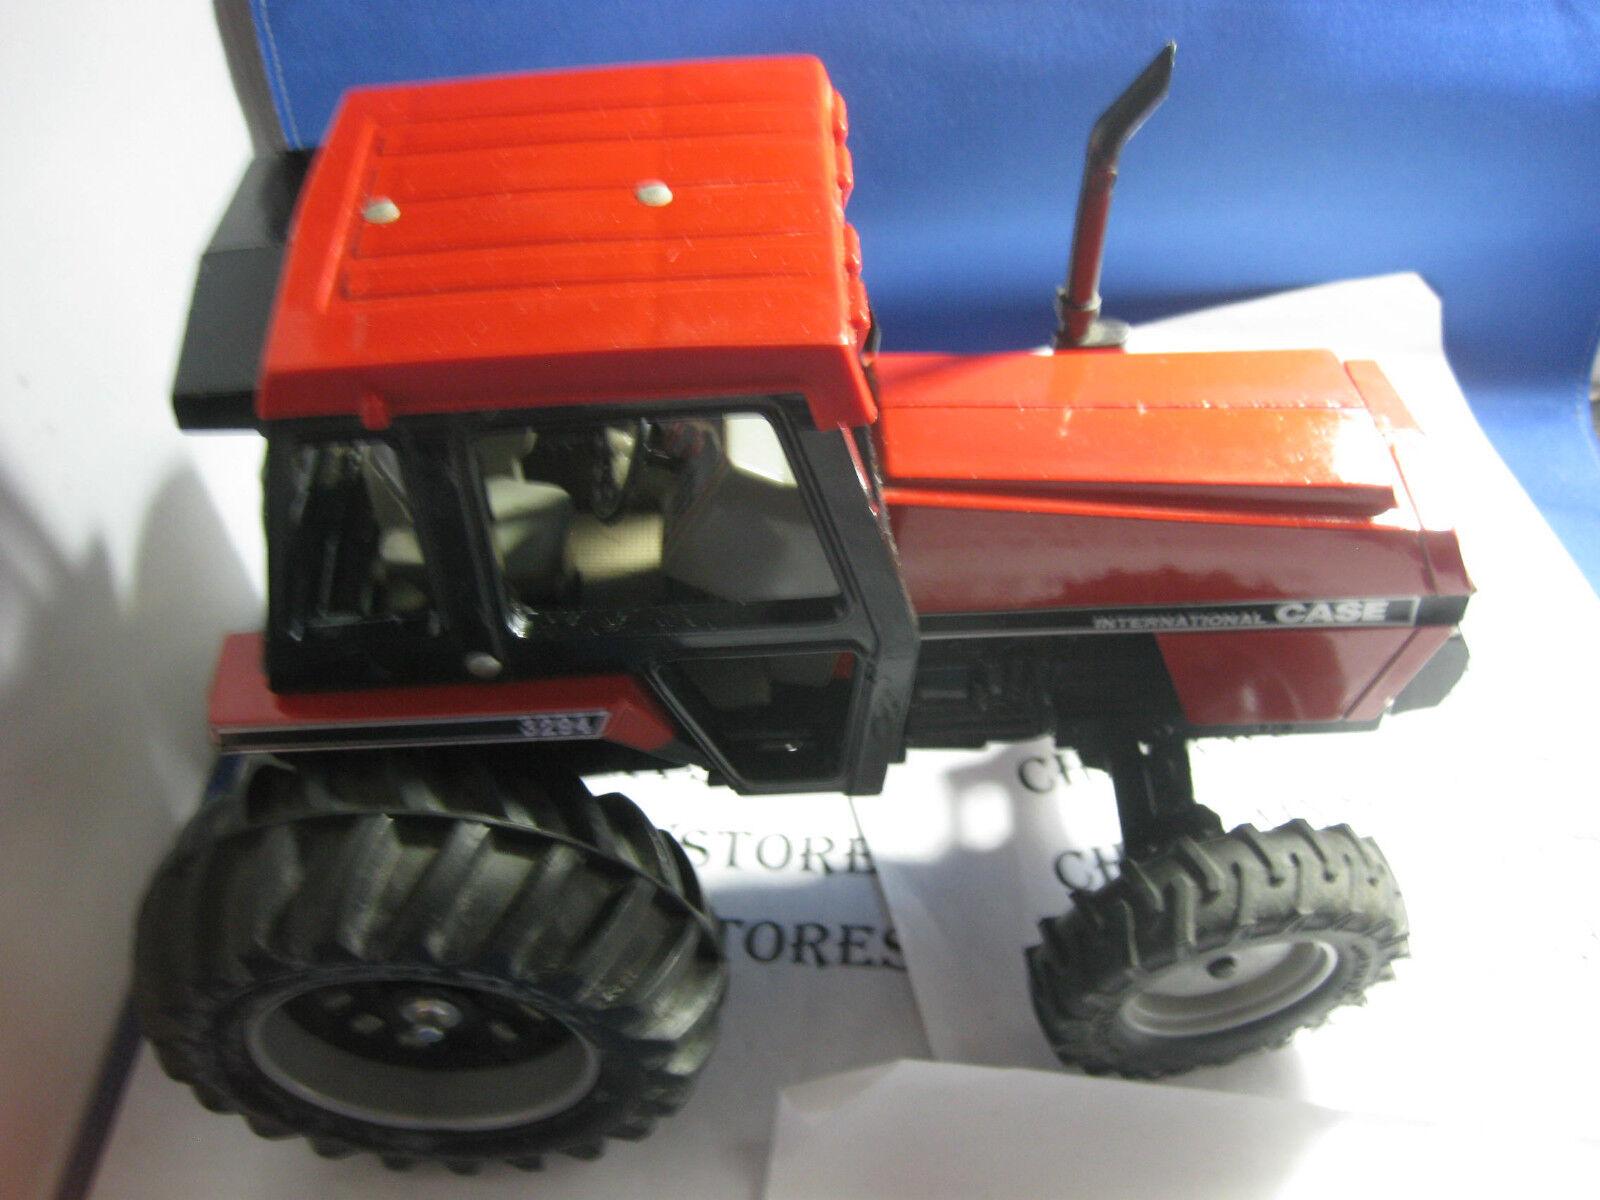 1985 Ertl Case Internacional Internacional Internacional 3294 1 16 Tractor Fwd Hecho En Usa Metal Chase  70% de descuento